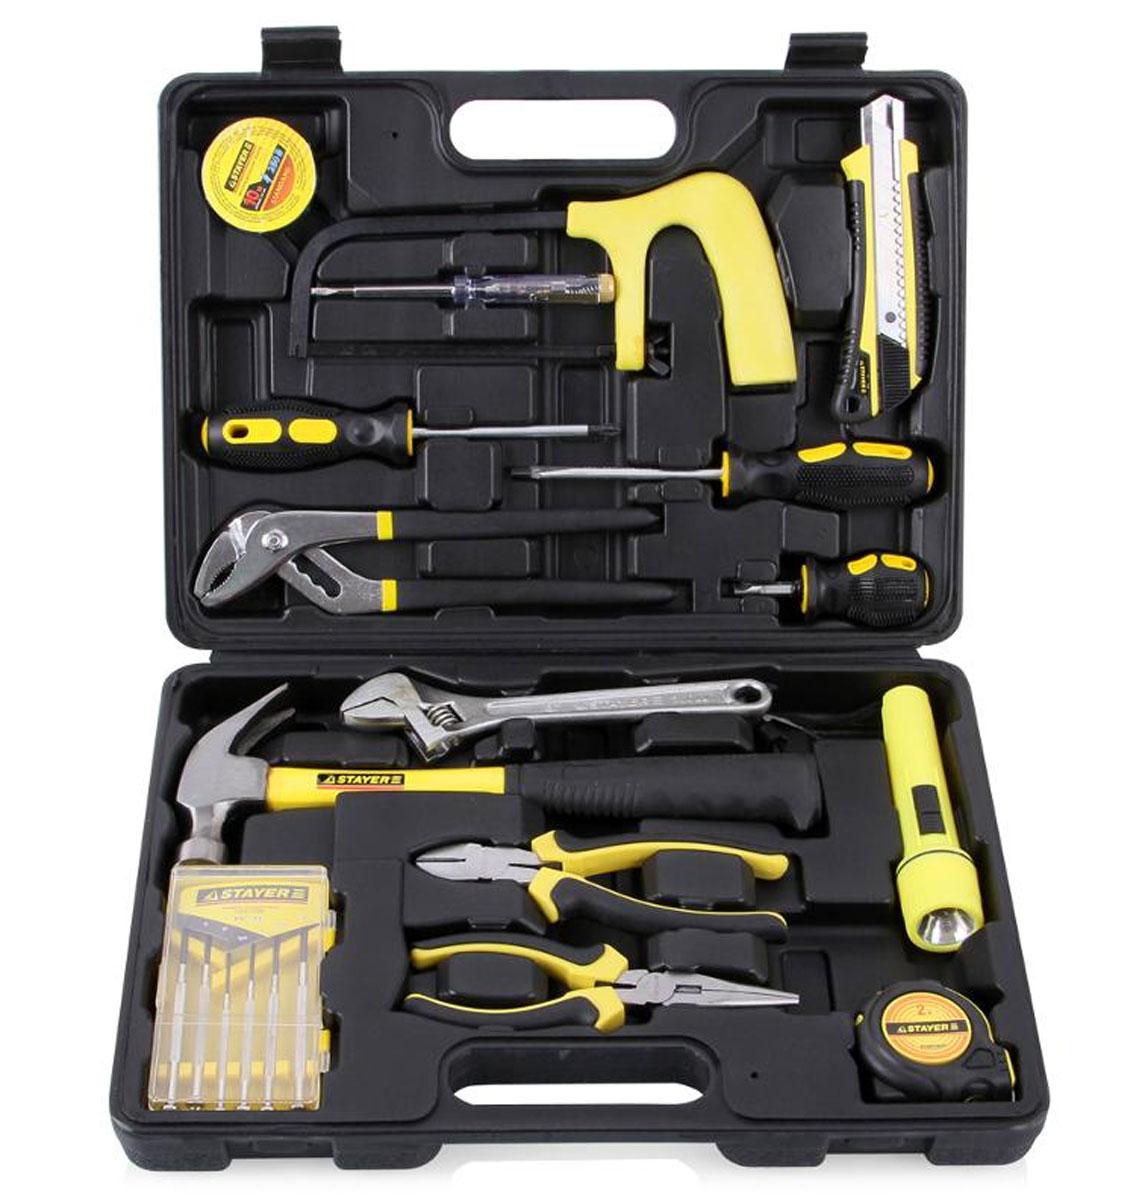 Набор инструментов Stayer Standard Механик для ремонтных работ, 15 предметов набор инструментов stayer standard 12 предметов 27752 h12